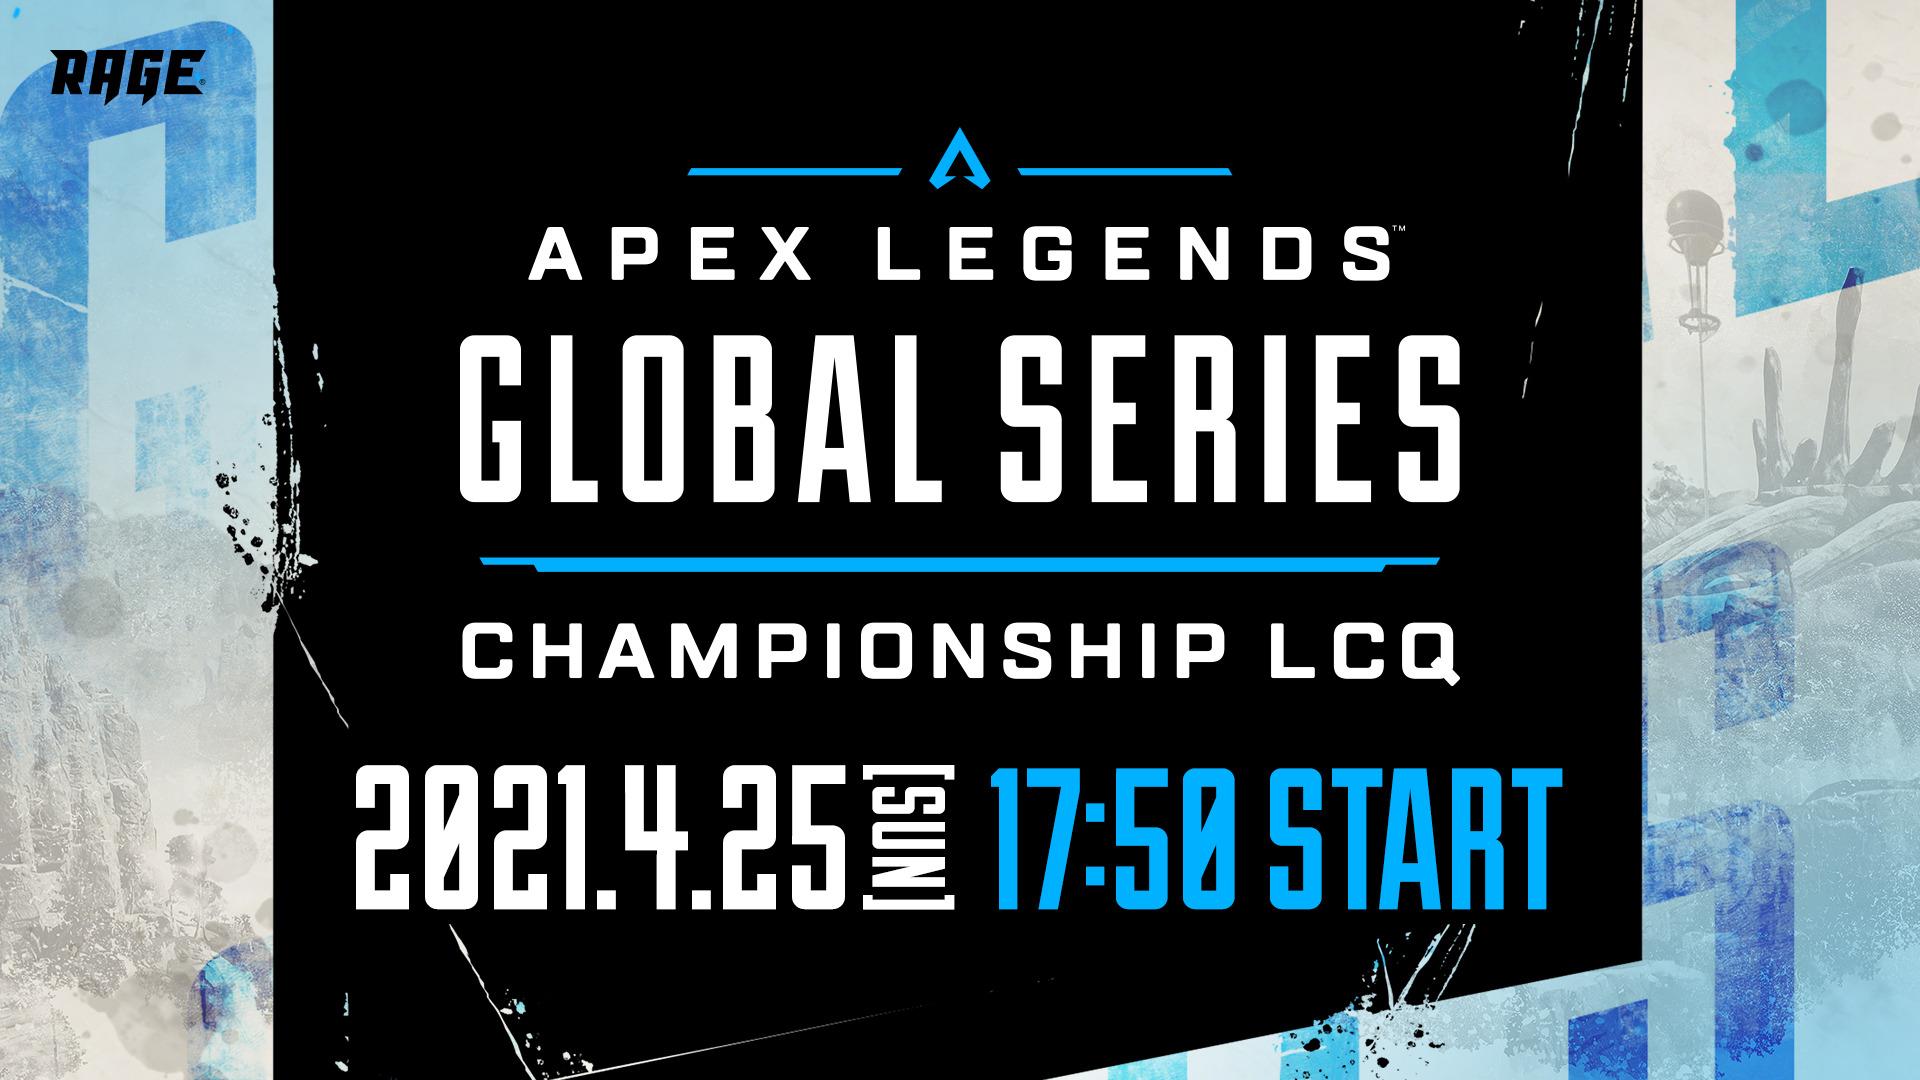 【APEX】「アジア最強チーム」を決めるエーペックスの公式大会予選が4月25日に開かれるぞ!!詳細・まとめ